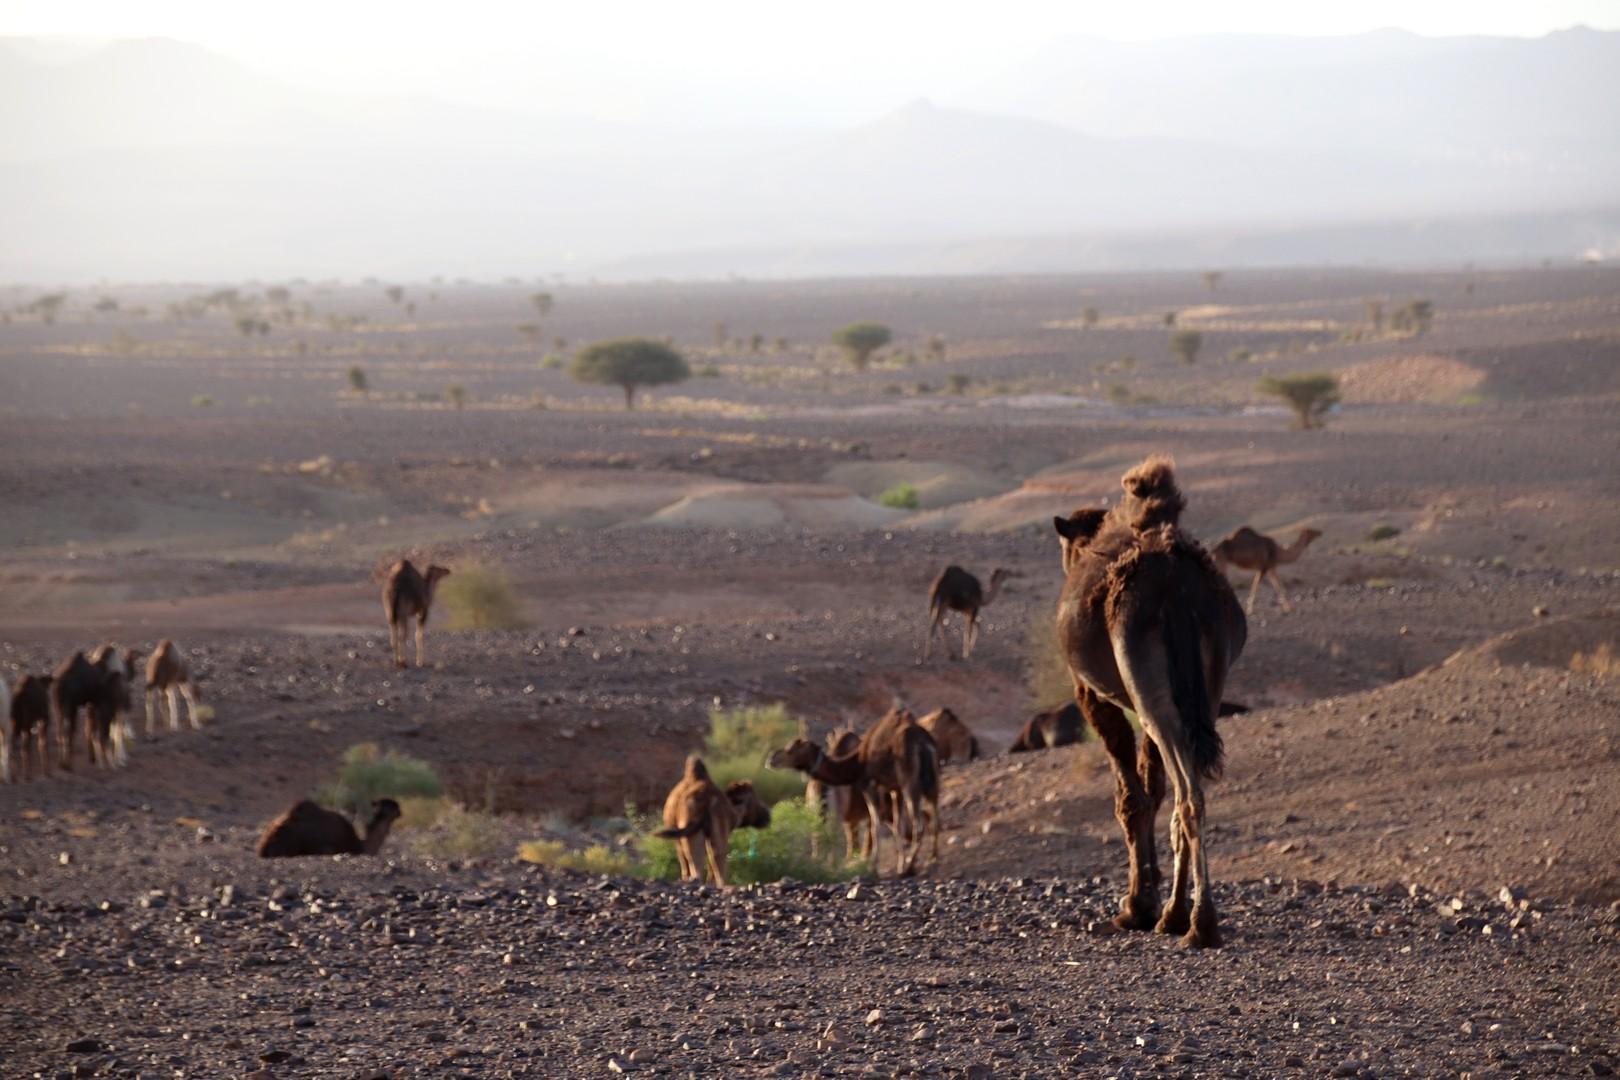 Maroc - Dromadaires dans le désert de Chegaga